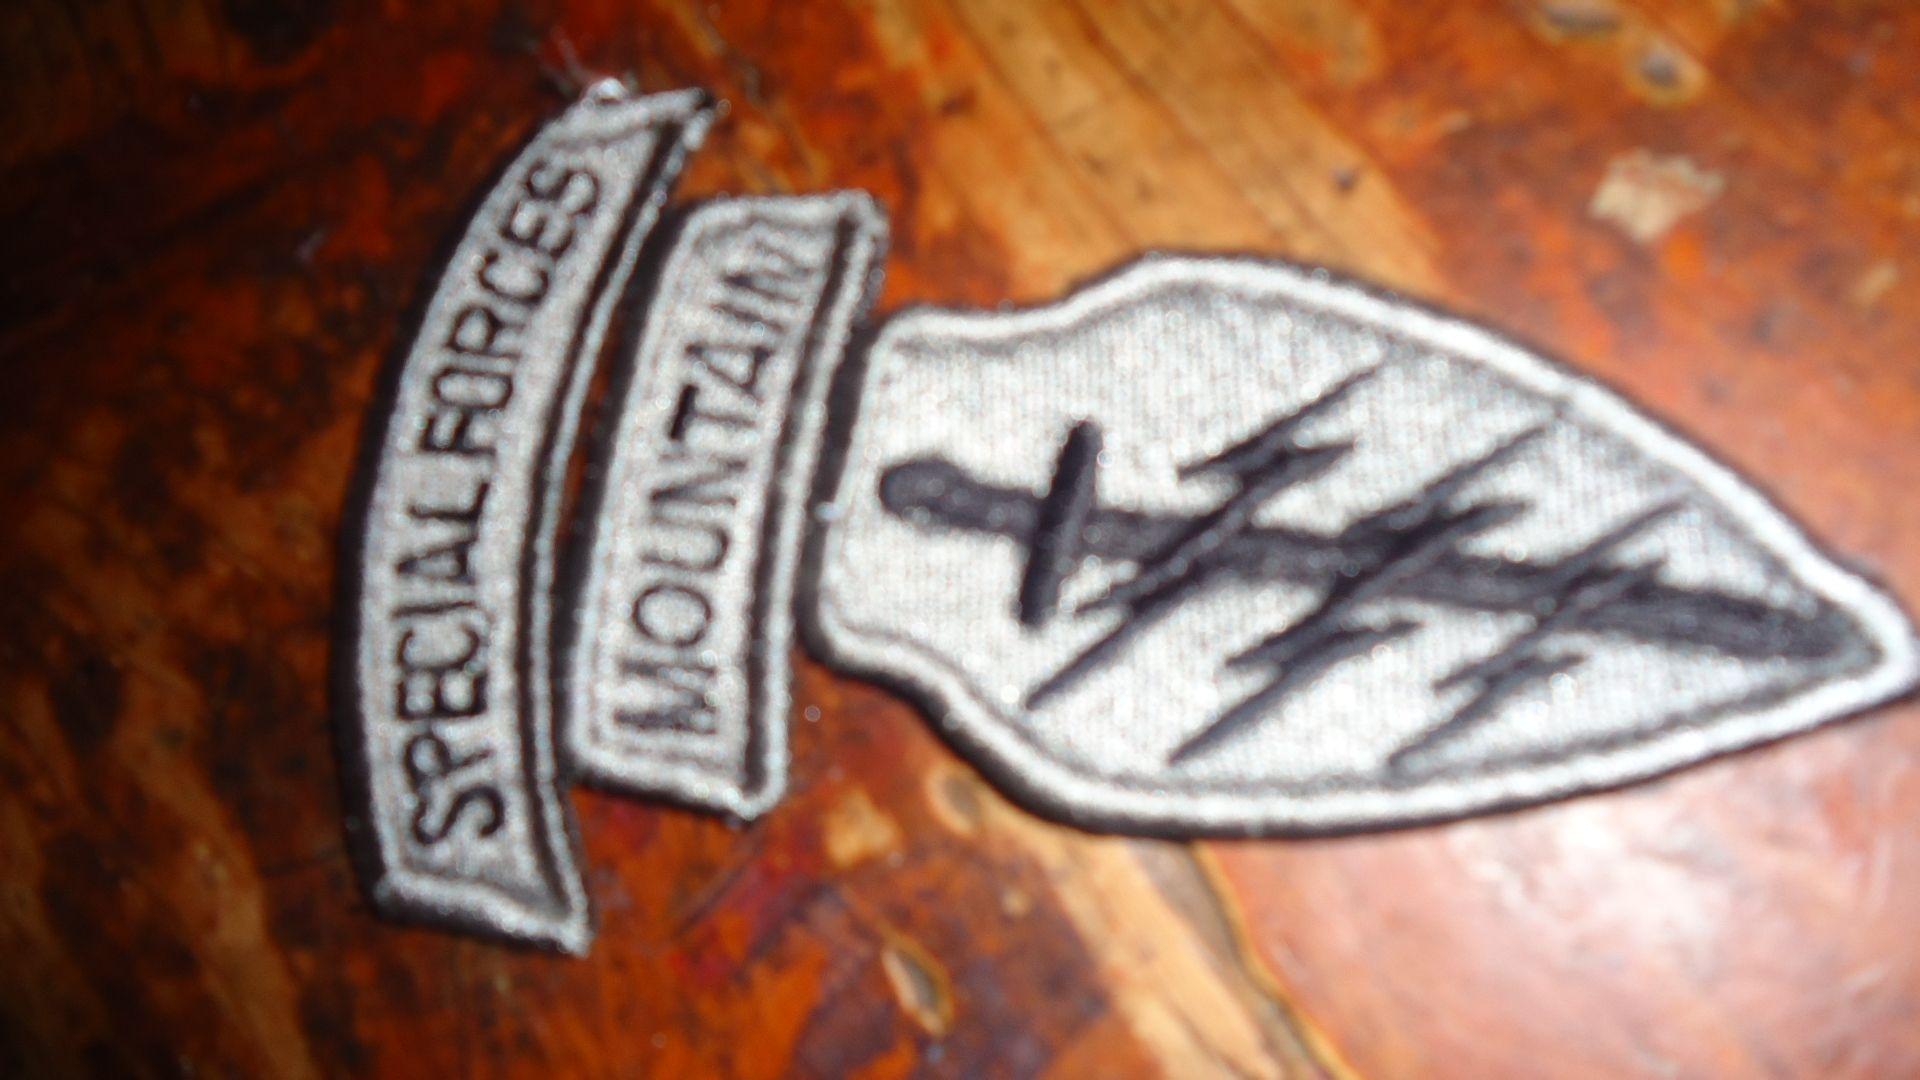 陆军特种部队臂章壁纸 中国陆军特种部队臂章 陆军特种部队臂章图片